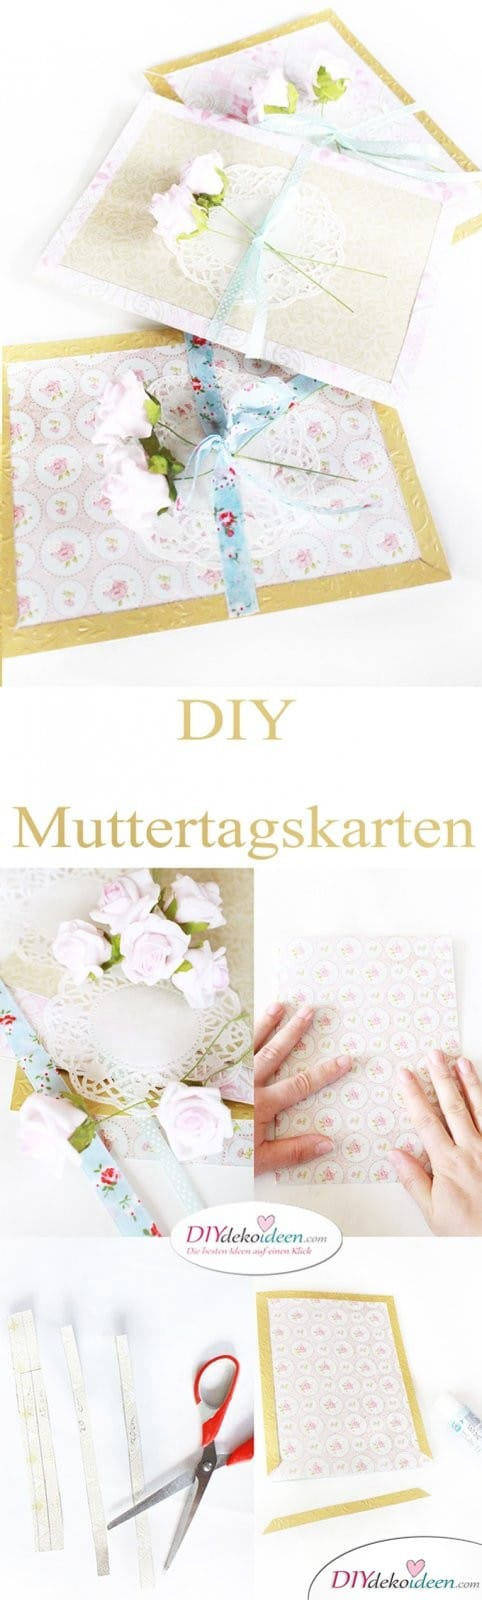 DIY Muttertagskarten